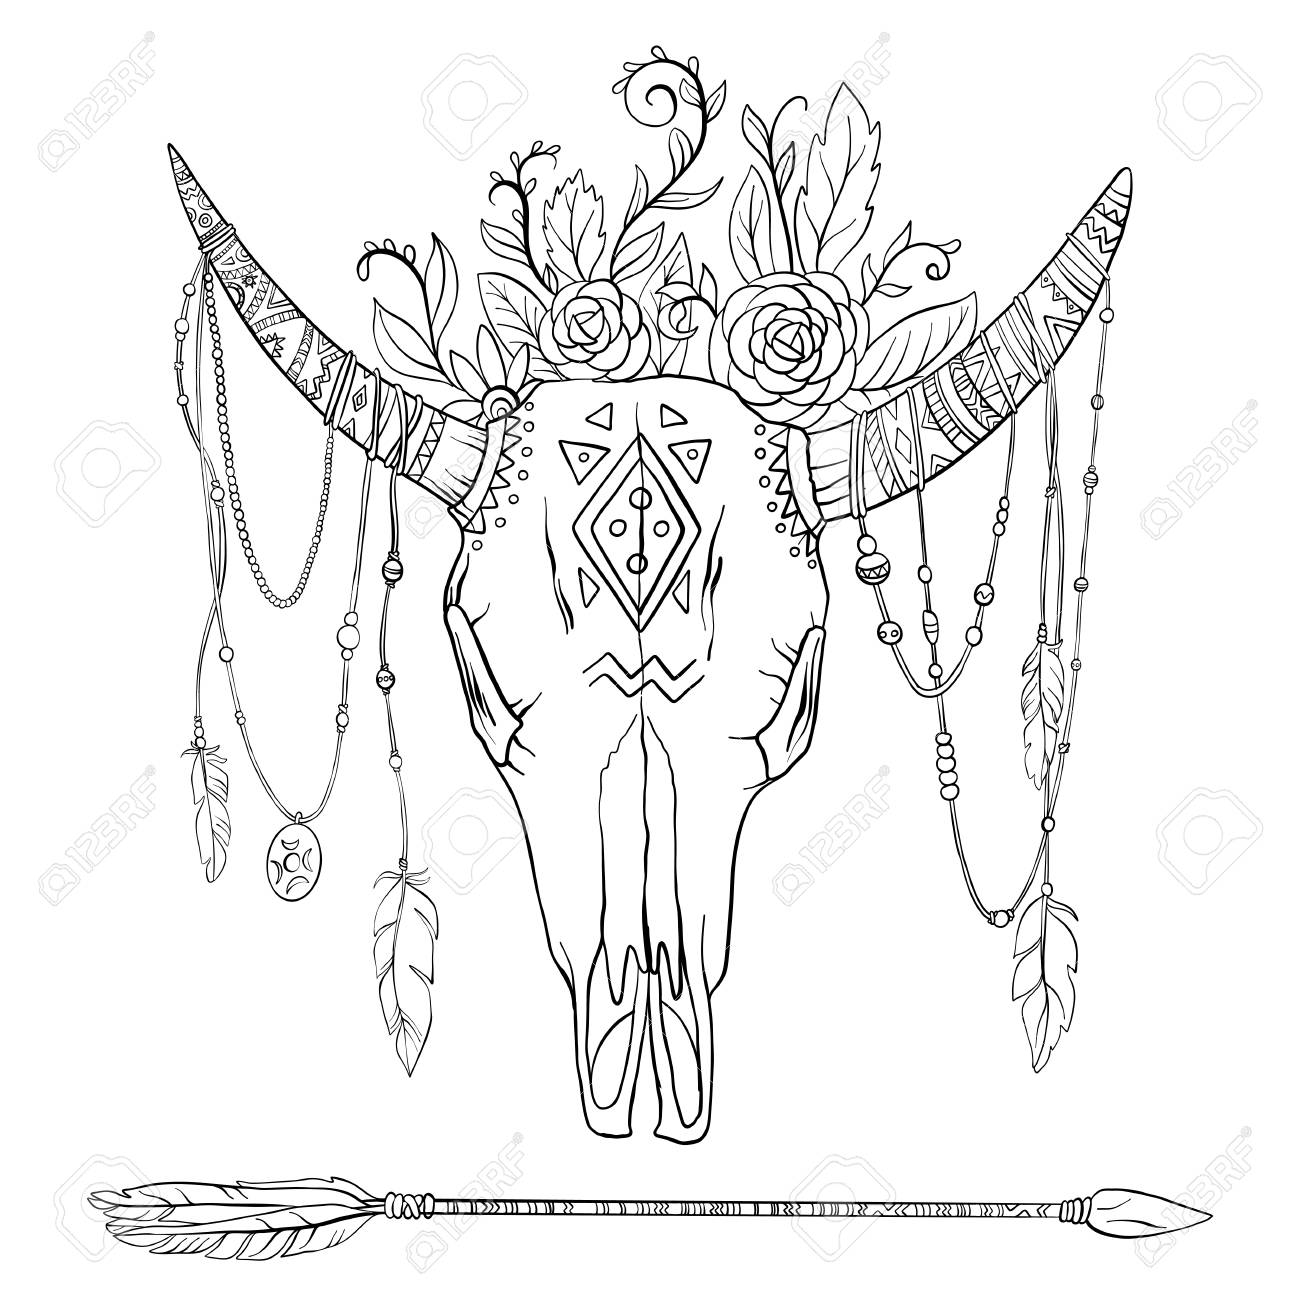 Dessin Crane Orne De Vache Clip Art Libres De Droits Vecteurs Et Illustration Image 99029608